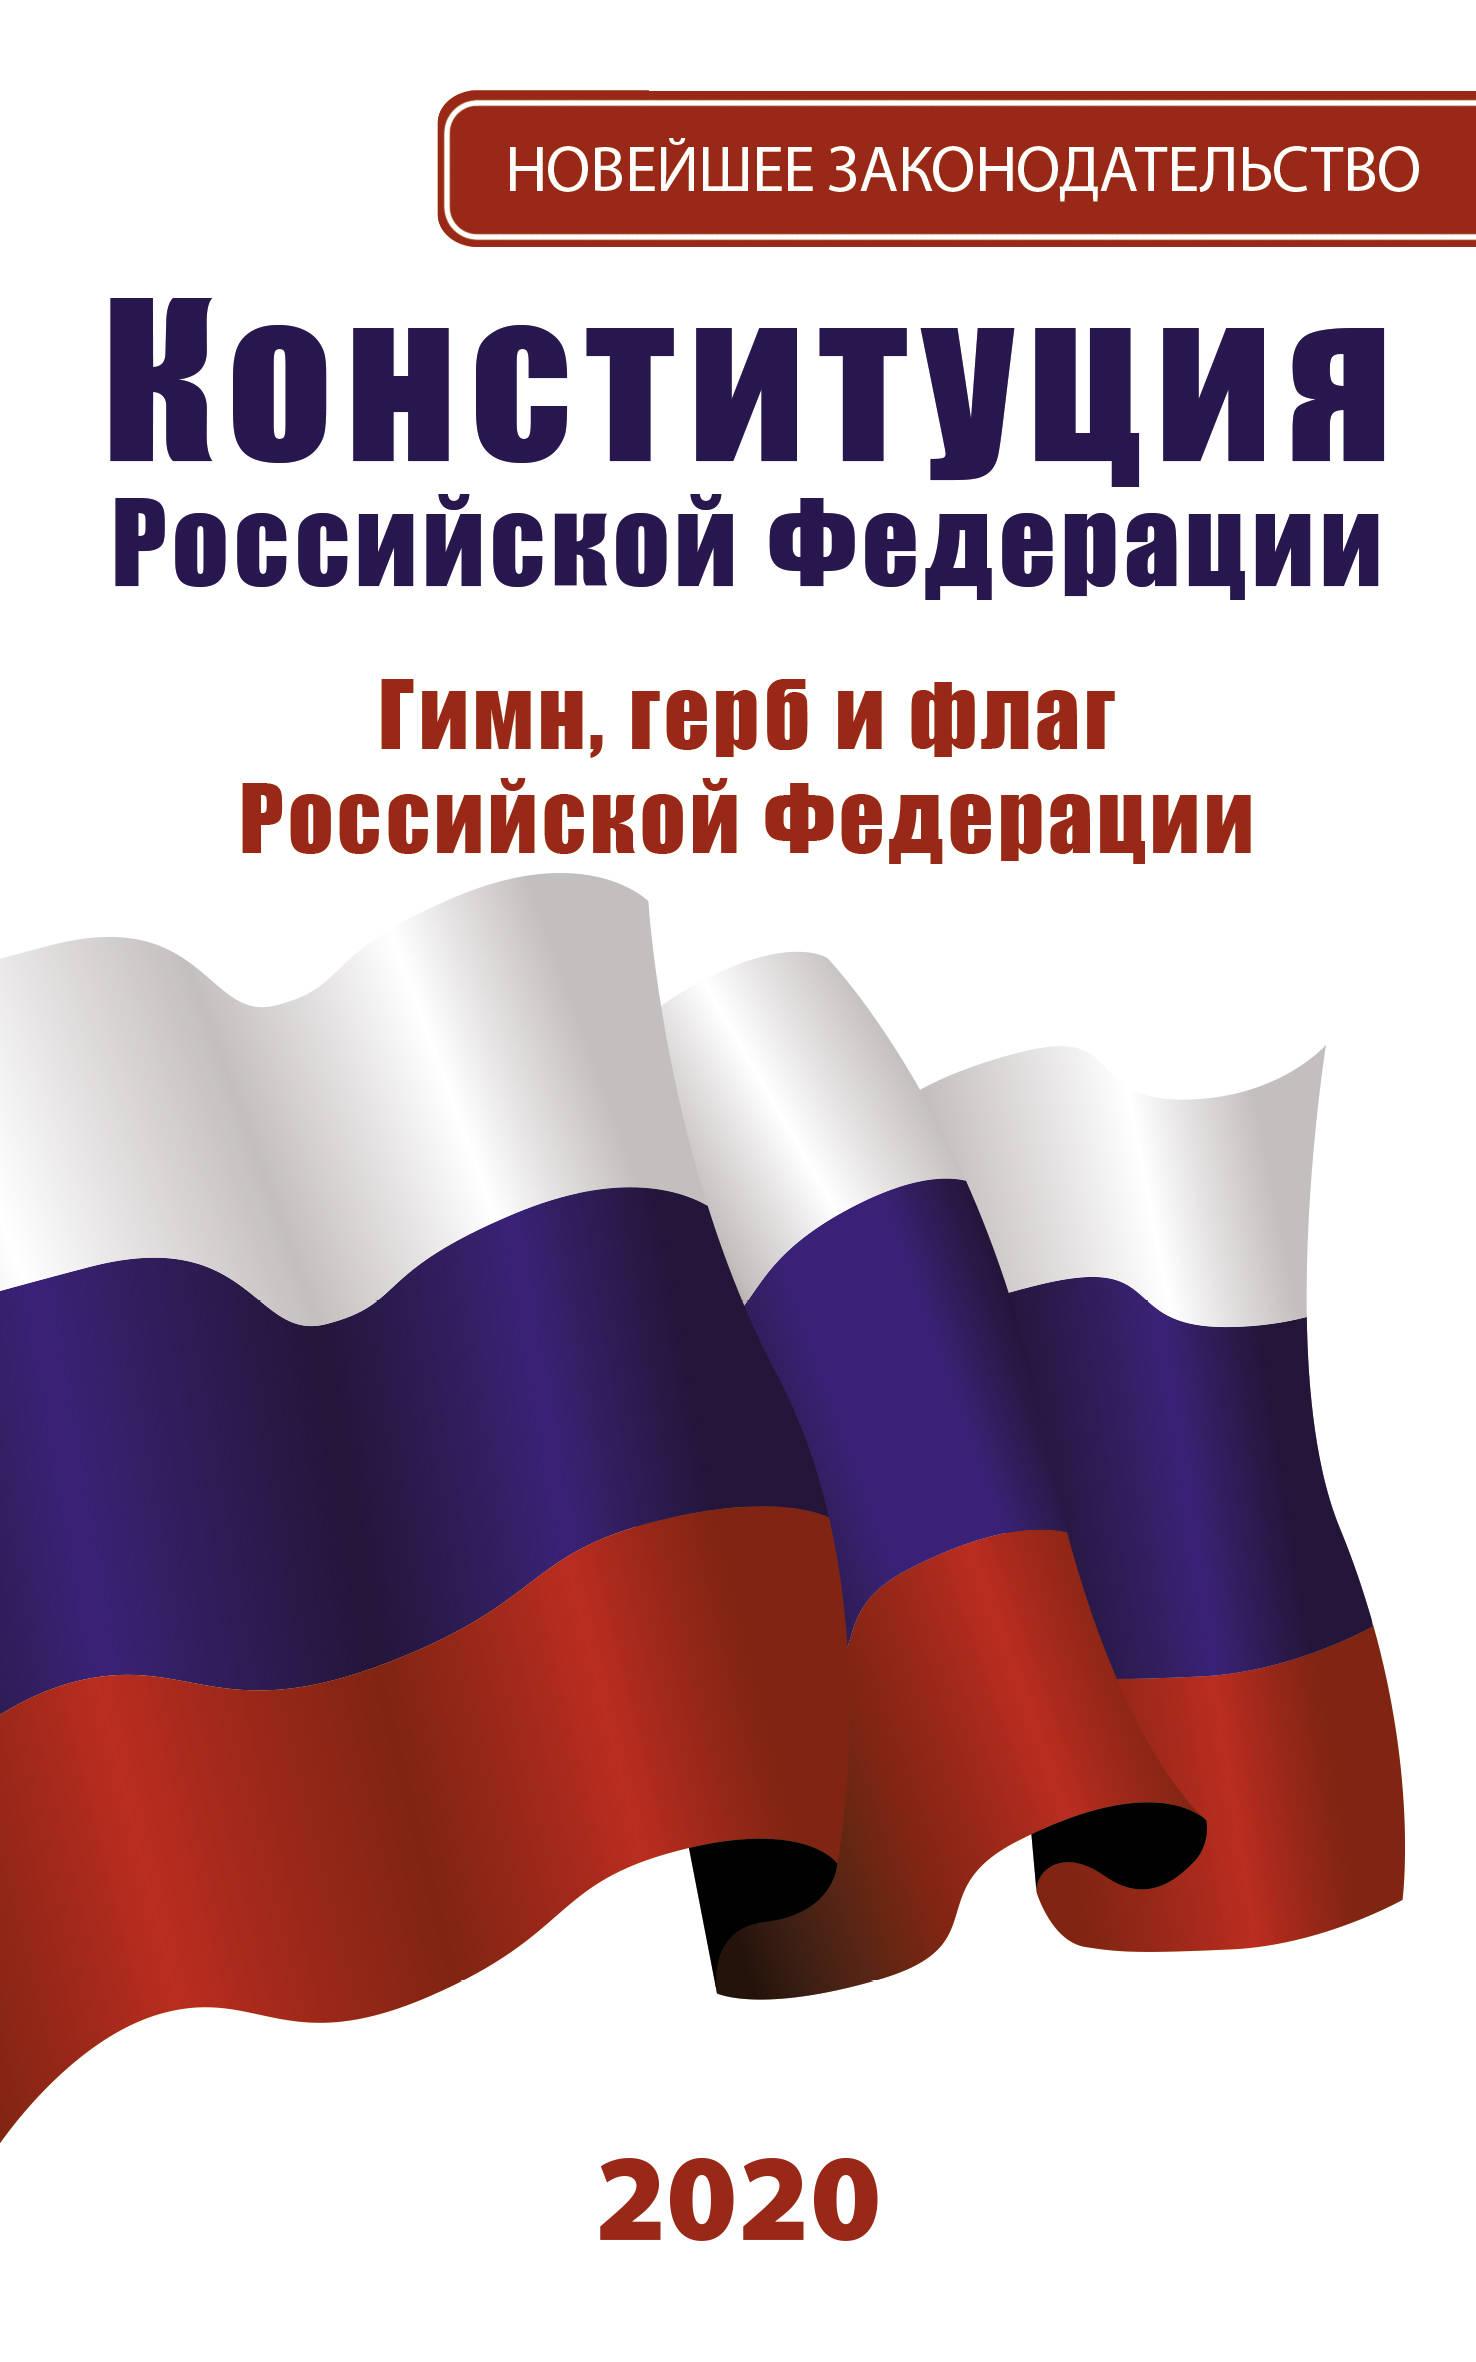 Konstitutsija Rossijskoj Federatsii 2020. Gimn, gerb i flag Rossijskoj Federatsii